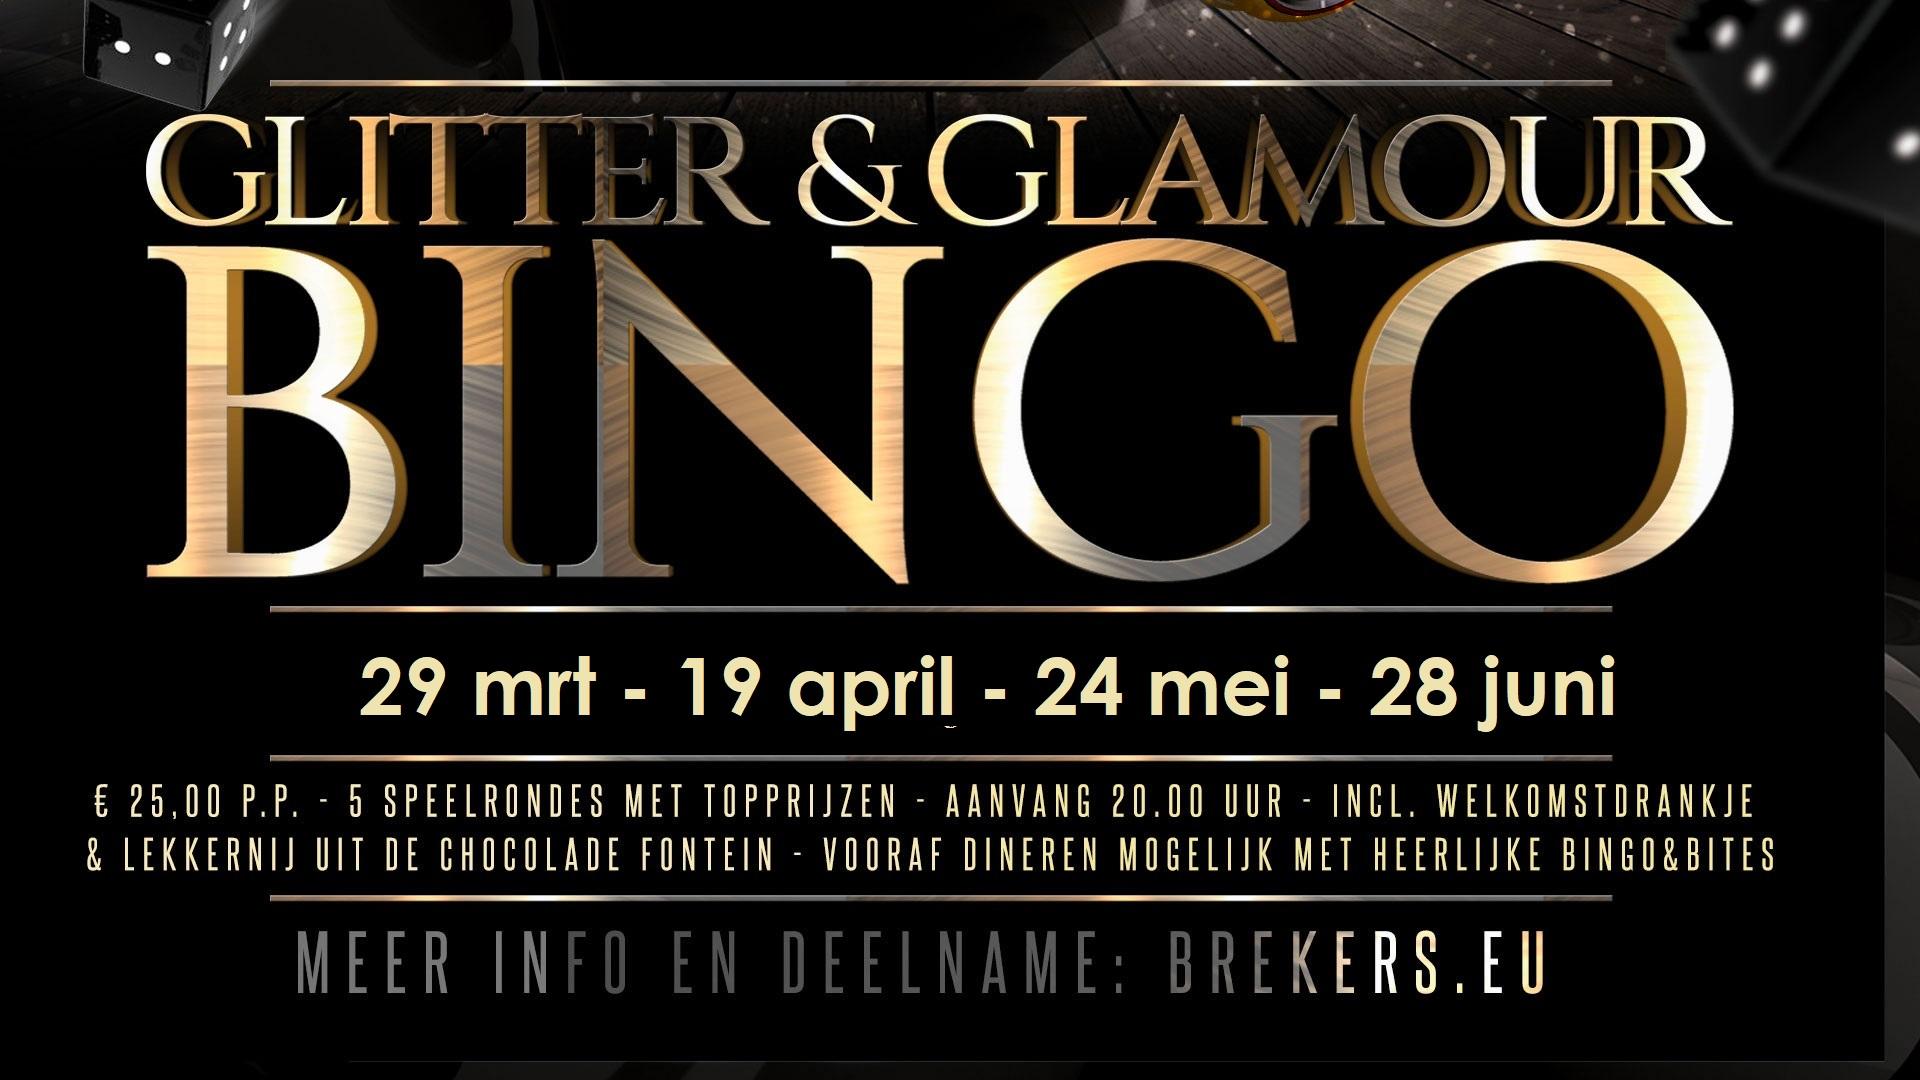 Glitter & Glamour Bingo 24 mei